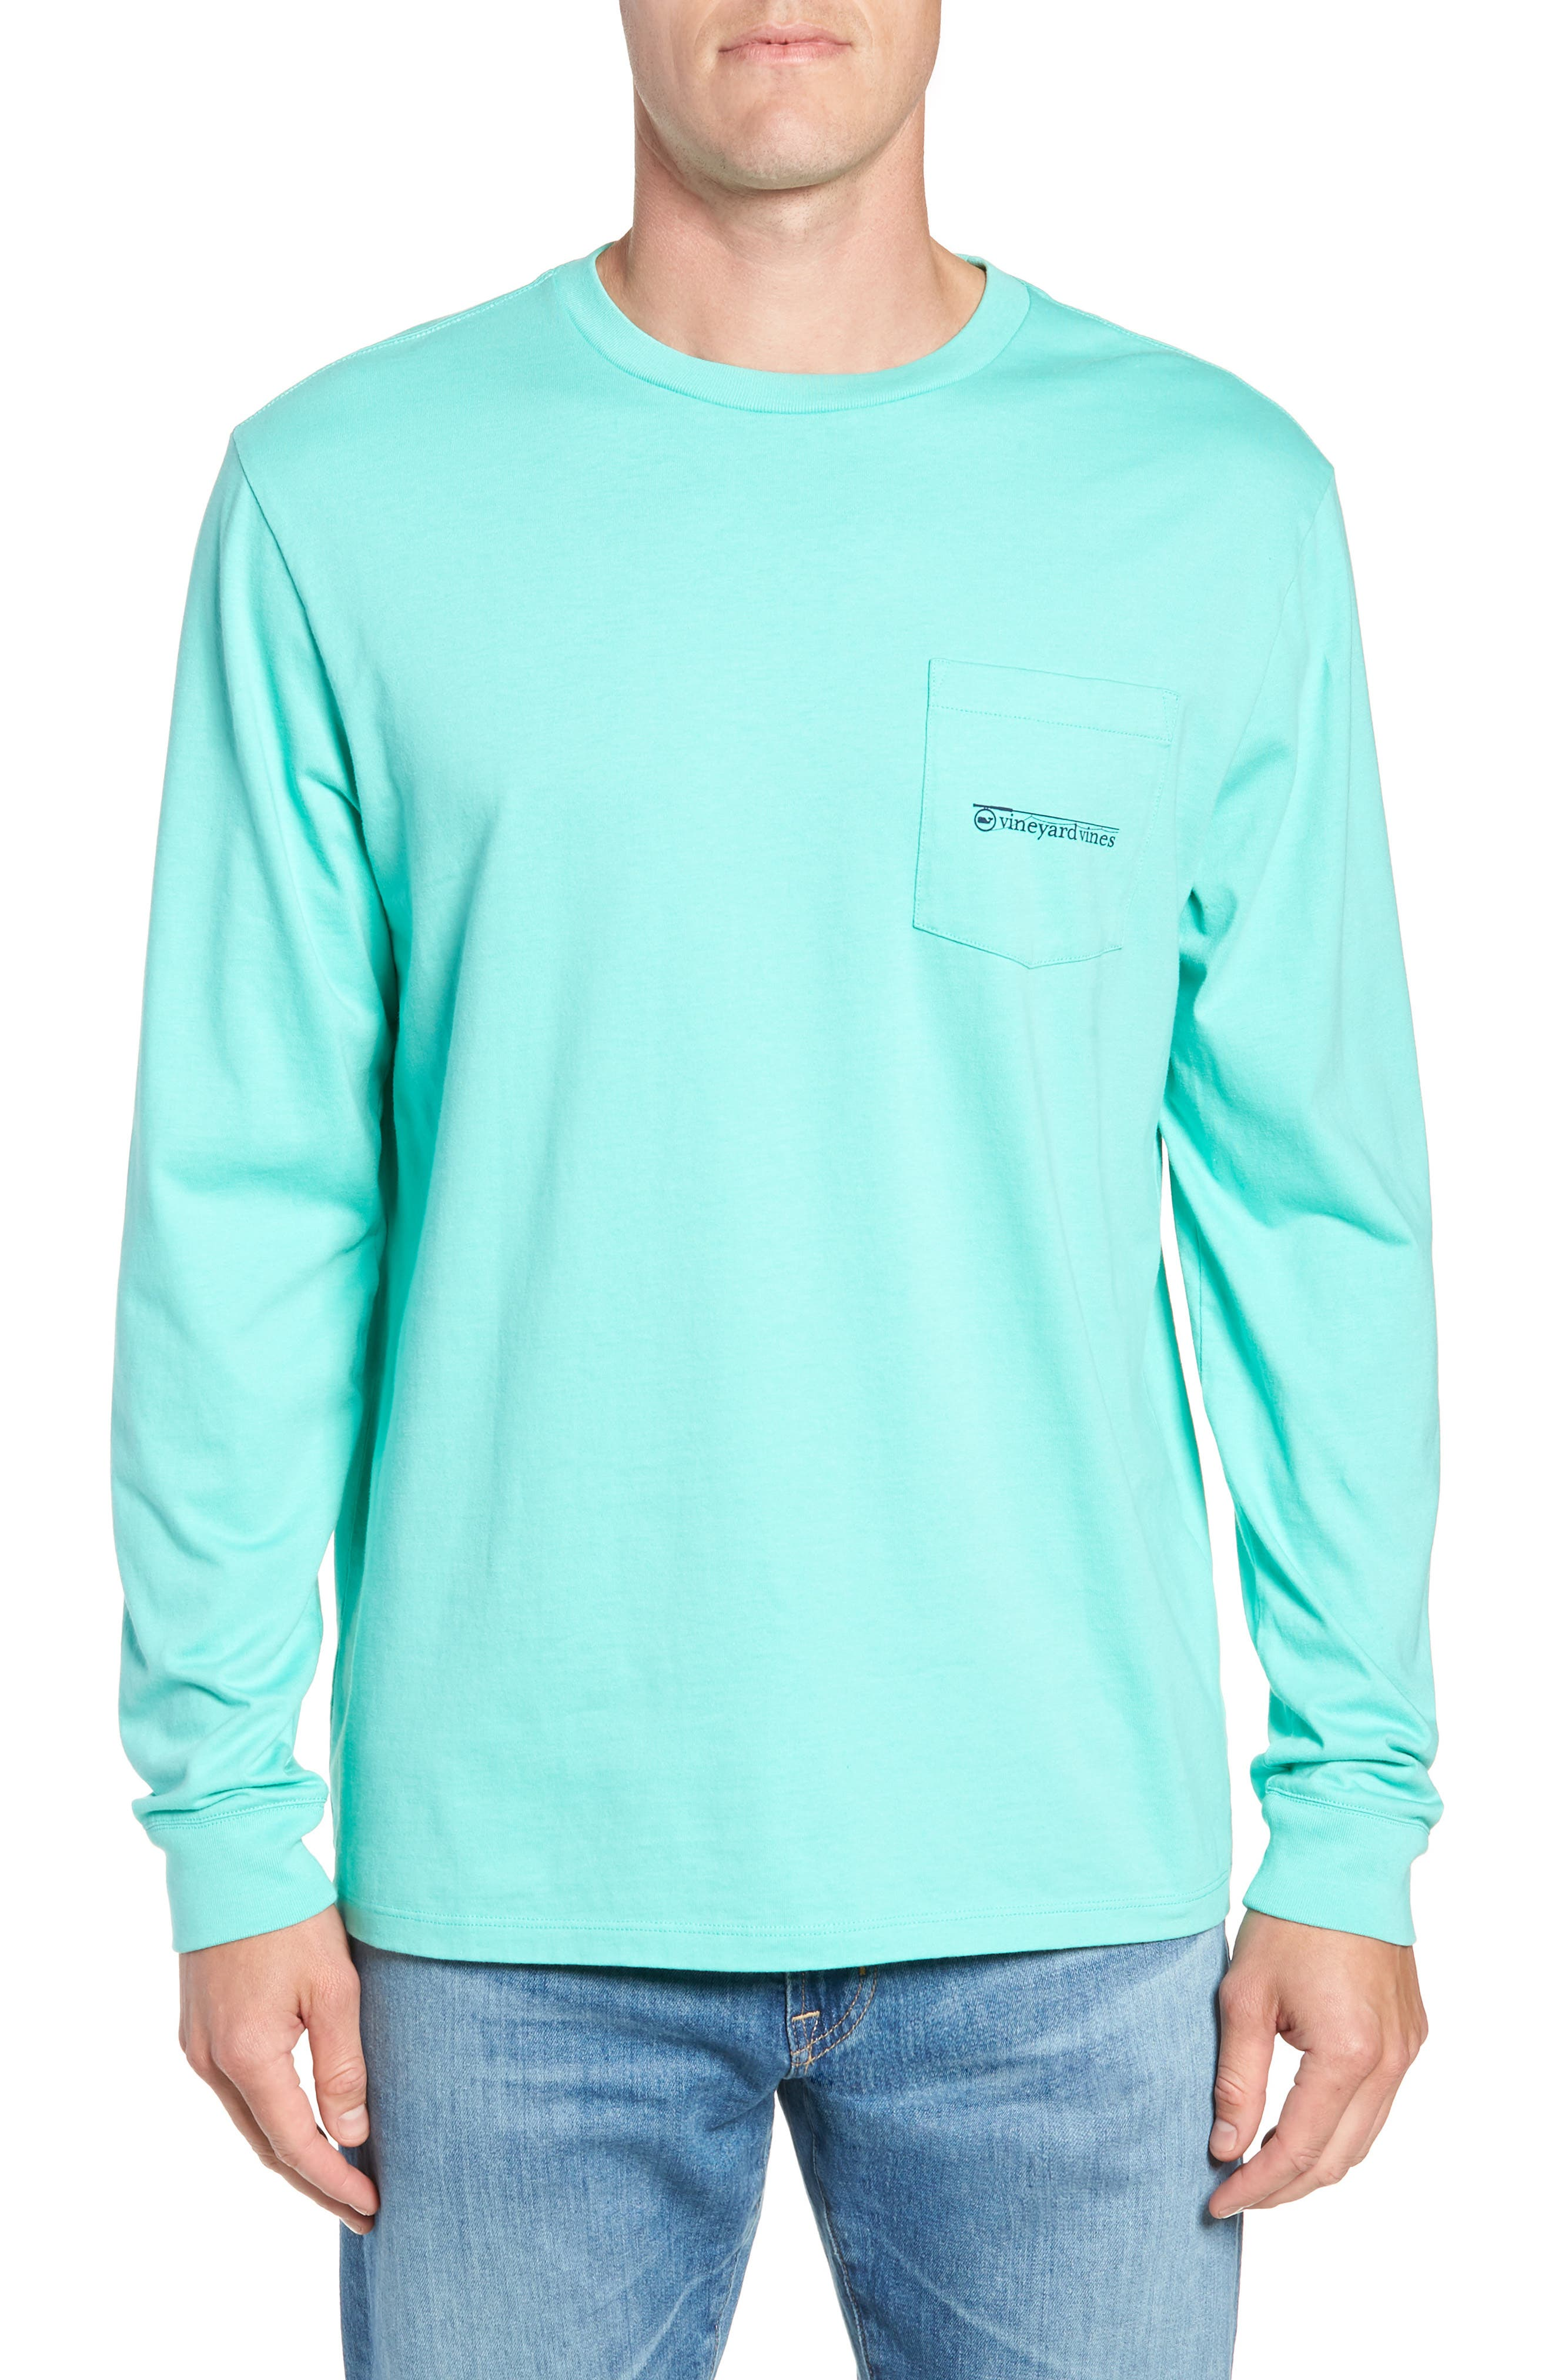 Fishing Rod Pocket T-Shirt,                         Main,                         color, CAPRI BLUE